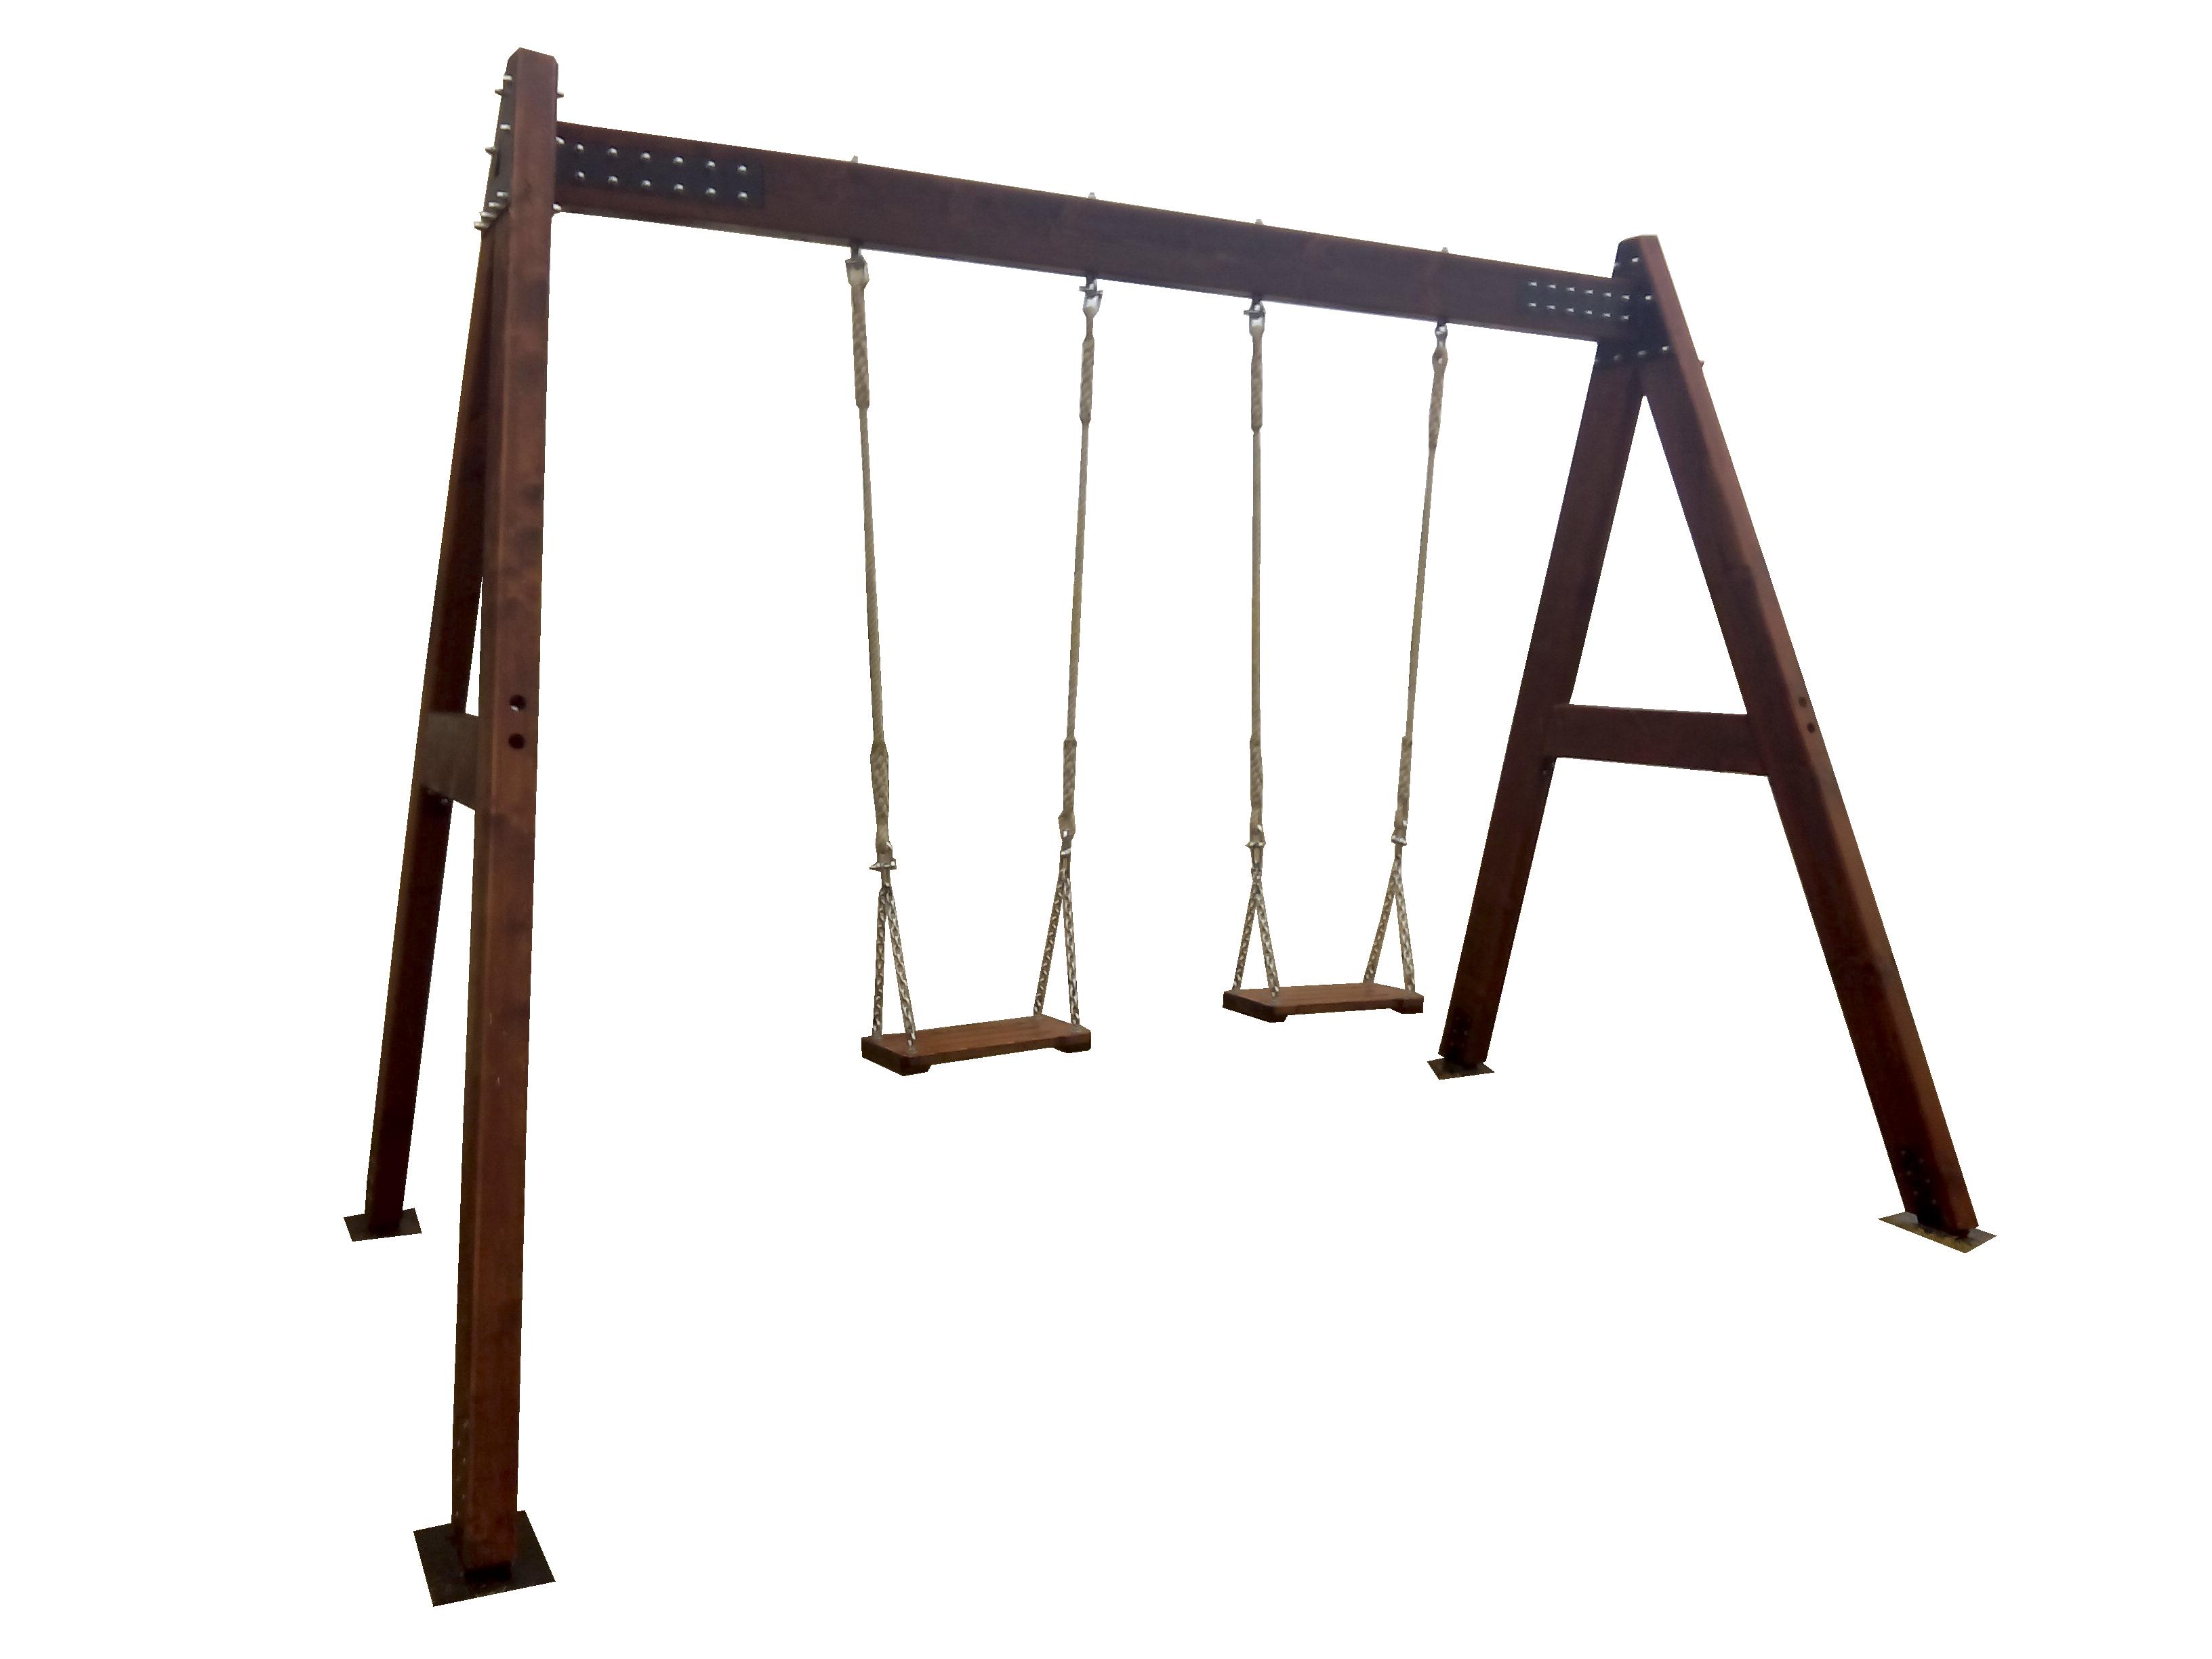 Columpio de madera para adultos estrucmader estrucmader - Columpios para ninos de madera ...